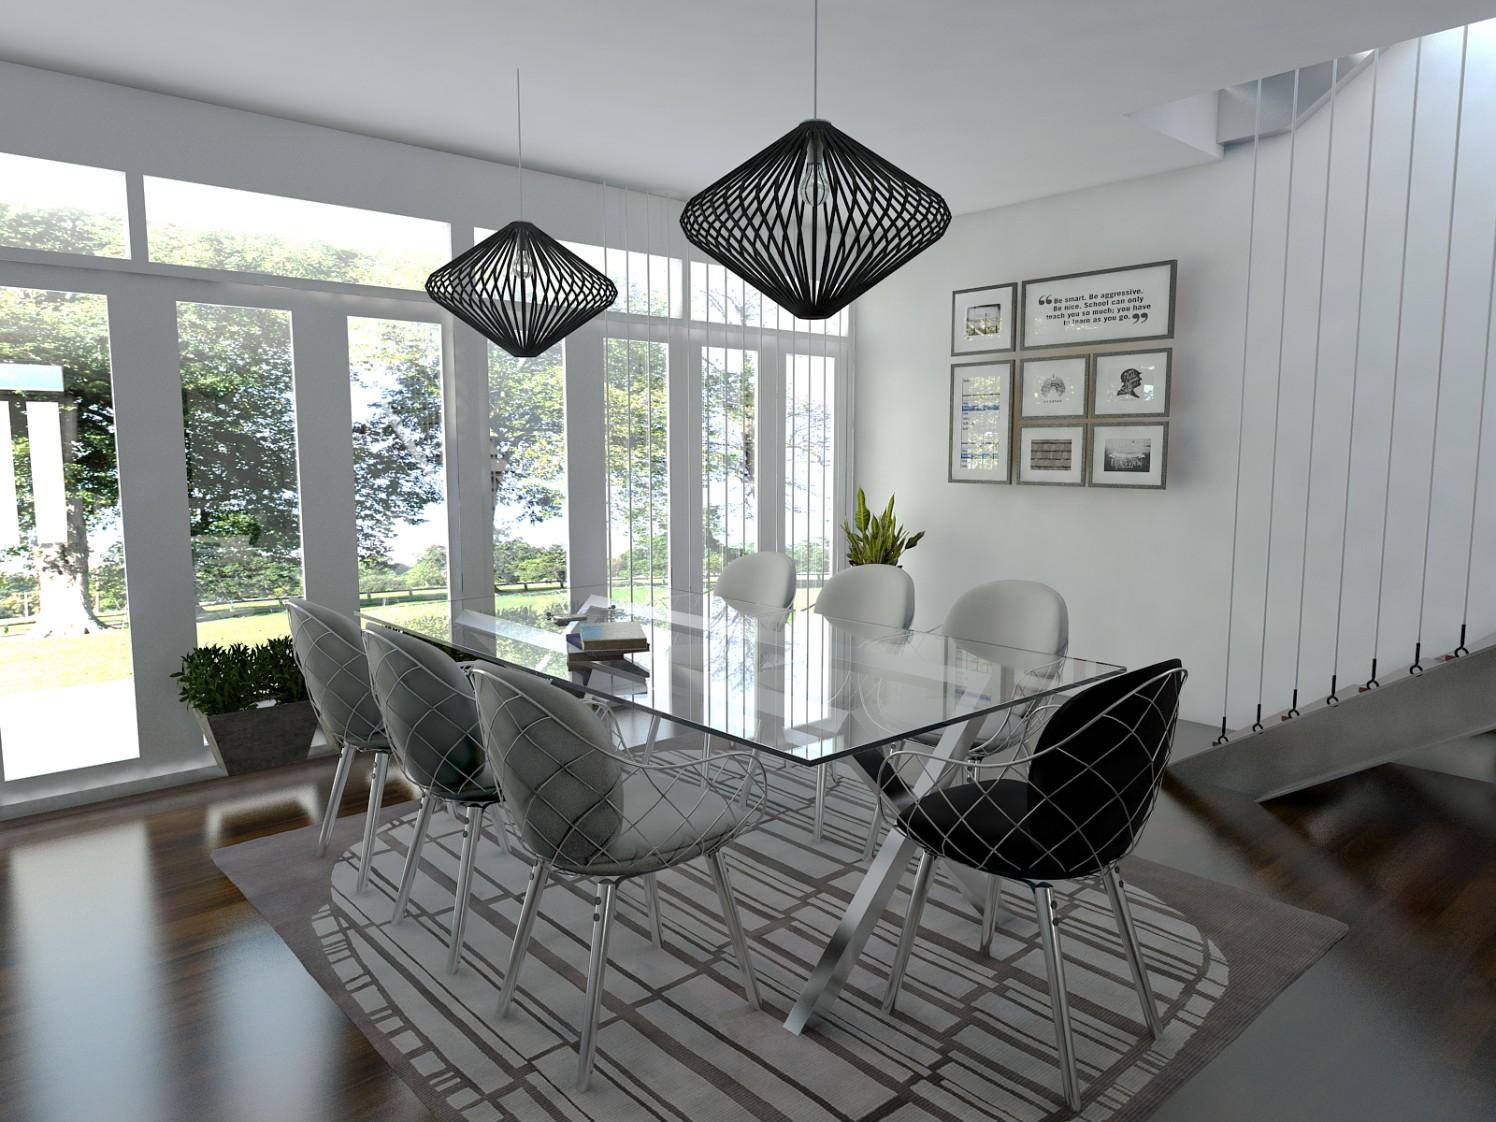 Black & White by hardik vartak Contemporary | Interior Design Photos & Ideas